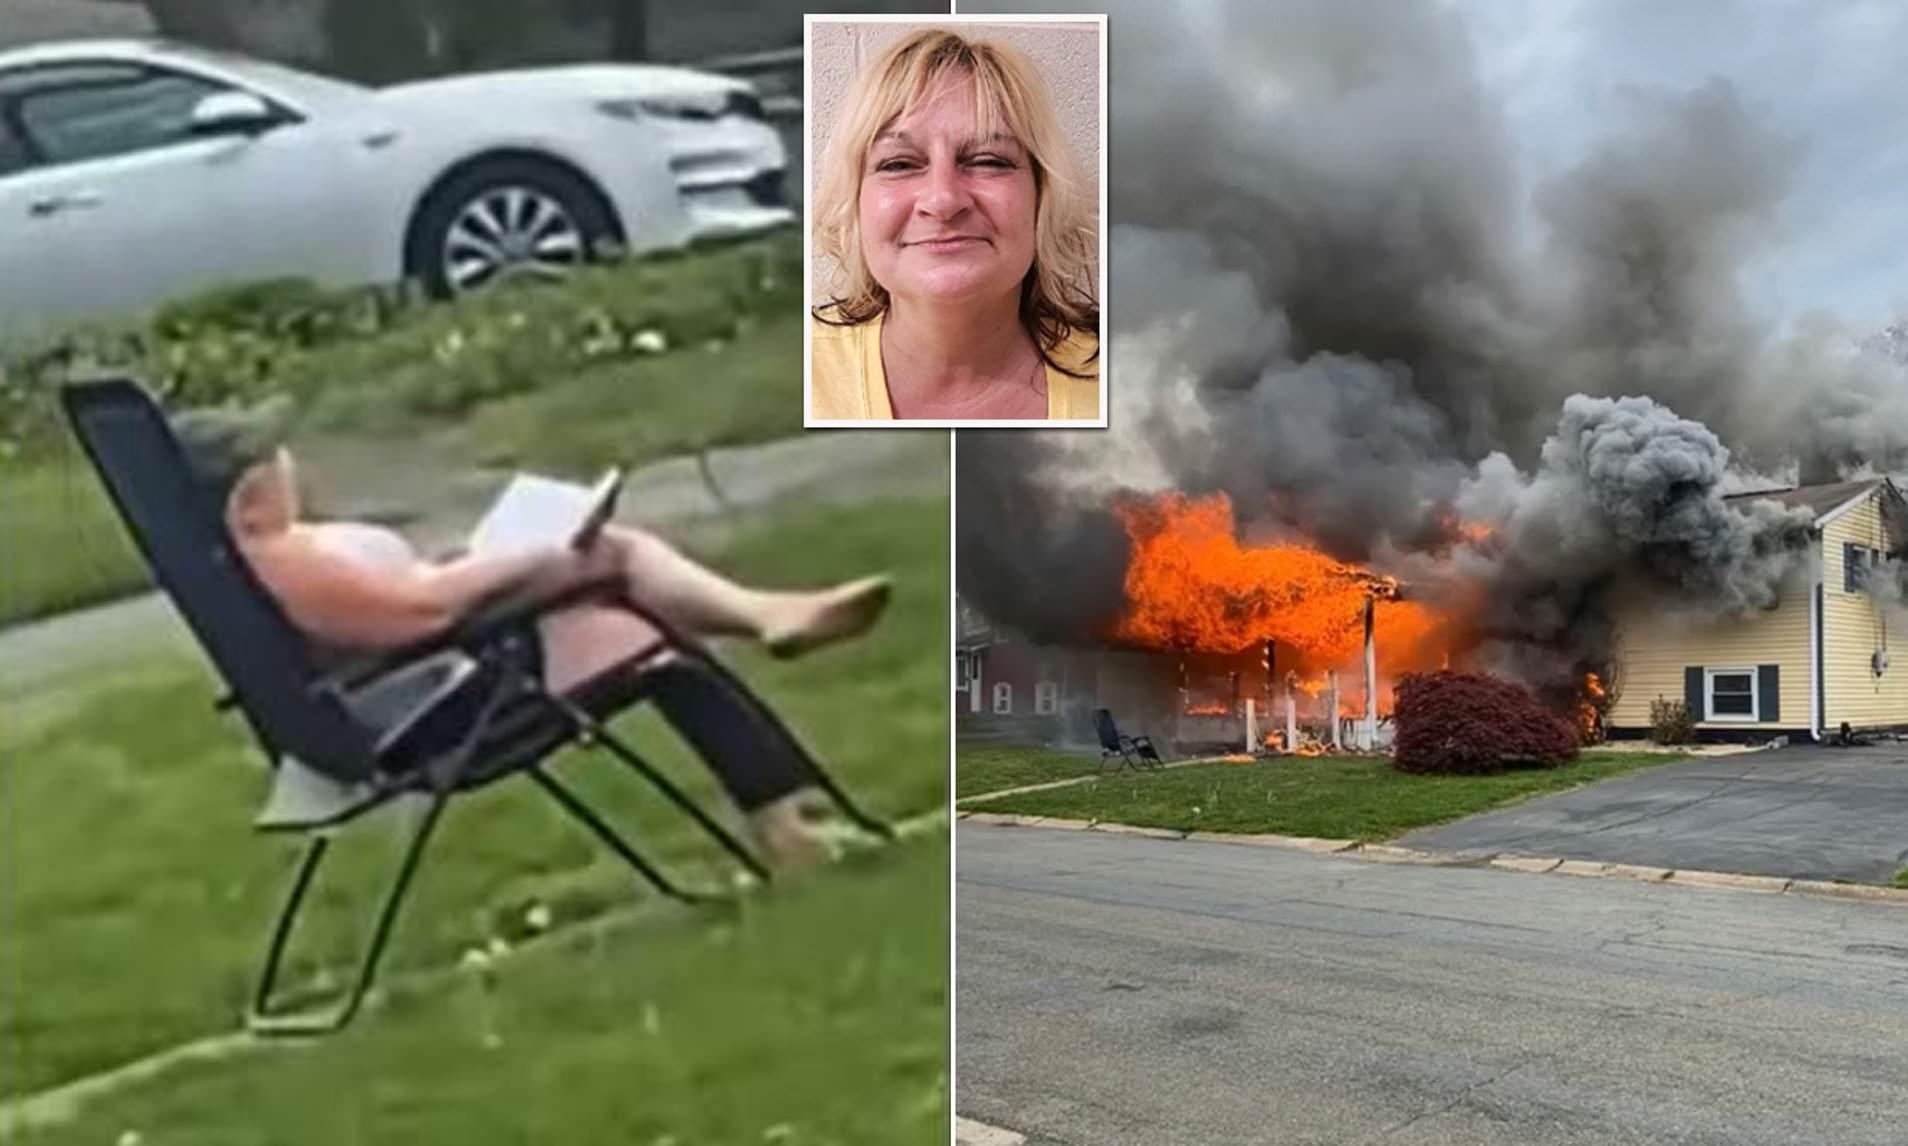 Gruaja i vë flakën shtëpisë dhe një person ishte brenda, skenën e shikon me qetësi ulurnë karrige